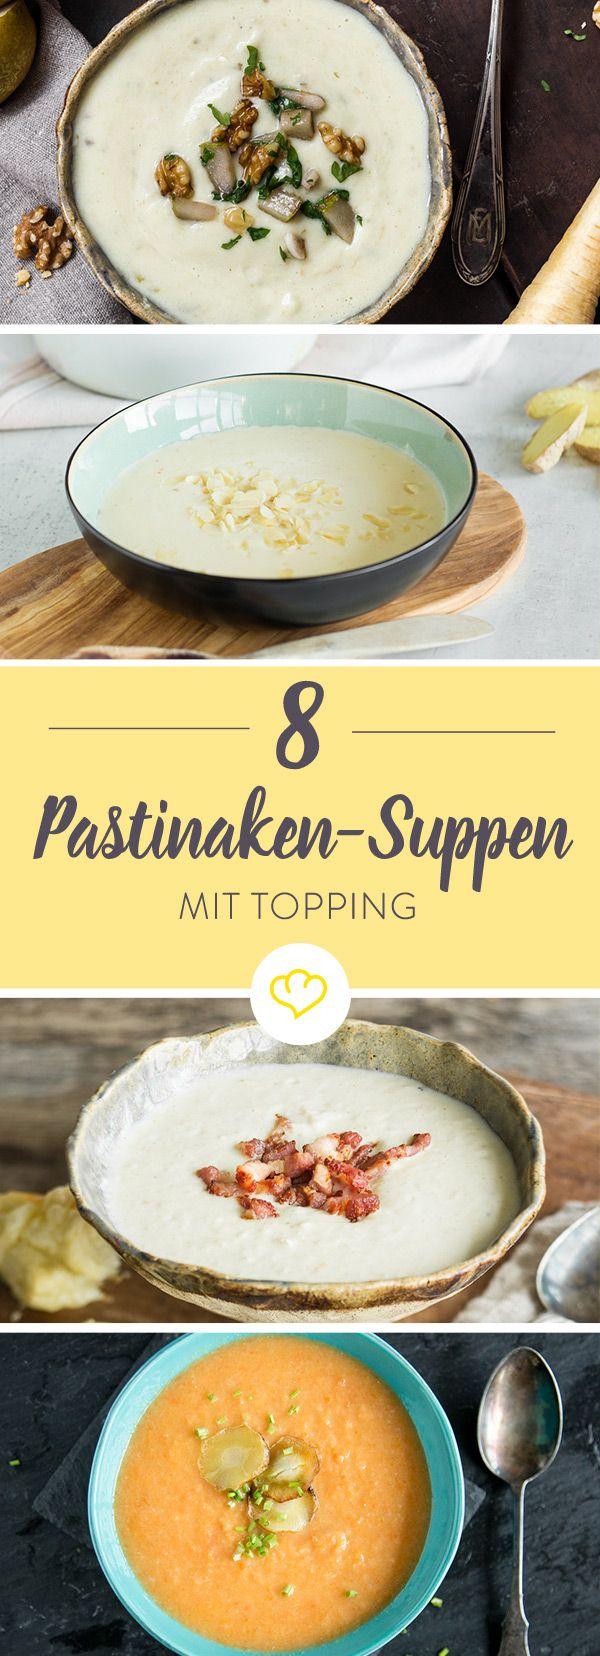 Genug von Klassikern wie Tomaten-, Kürbis-, oder Kartoffelsuppe? Dann wird es höchste Zeit, dass du die feinwürzige Pastinake in deinen Suppentopf packst.